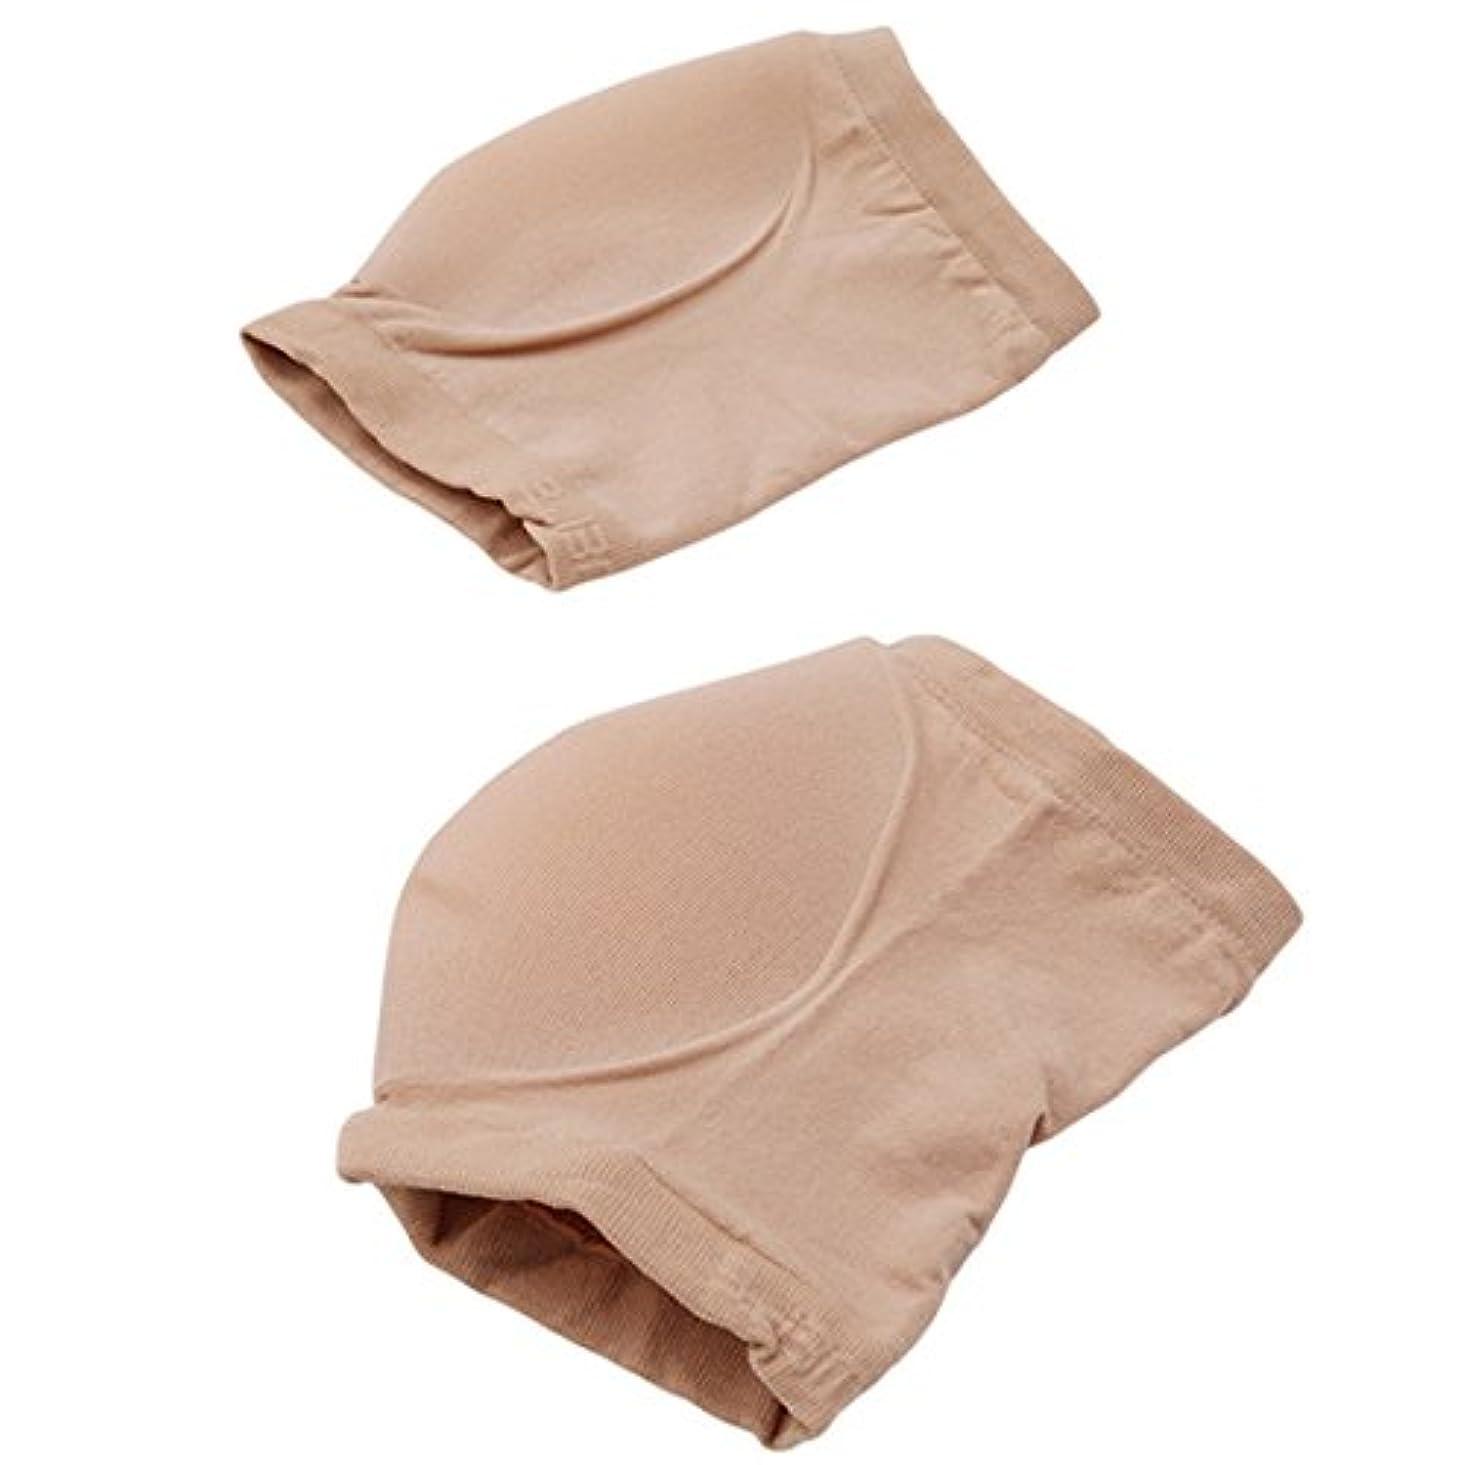 申し立てられた言い聞かせる養うKLUMA 靴下 かかと ソックス 角質ケア うるおい 保湿 角質除去 足ケア レディース メンズ